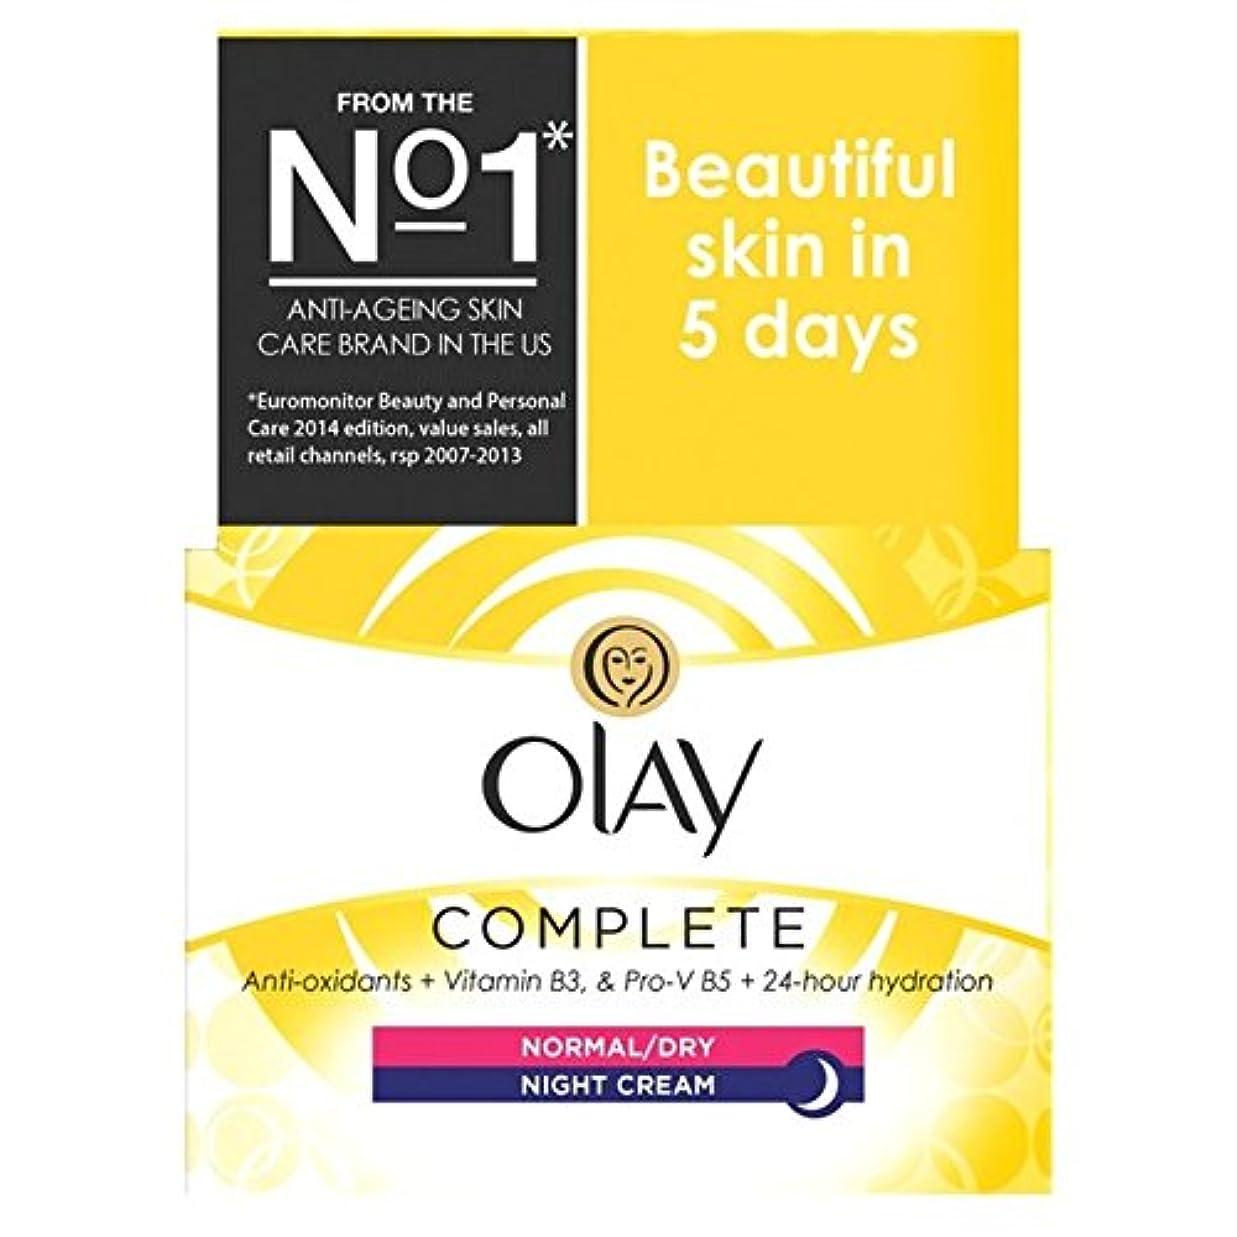 車波紋ランクオーレイ必需品の完全なケア保湿ナイトクリーム50ミリリットル x4 - Olay Essentials Complete Care Moisturiser Night Cream 50ml (Pack of 4) [並行輸入品]